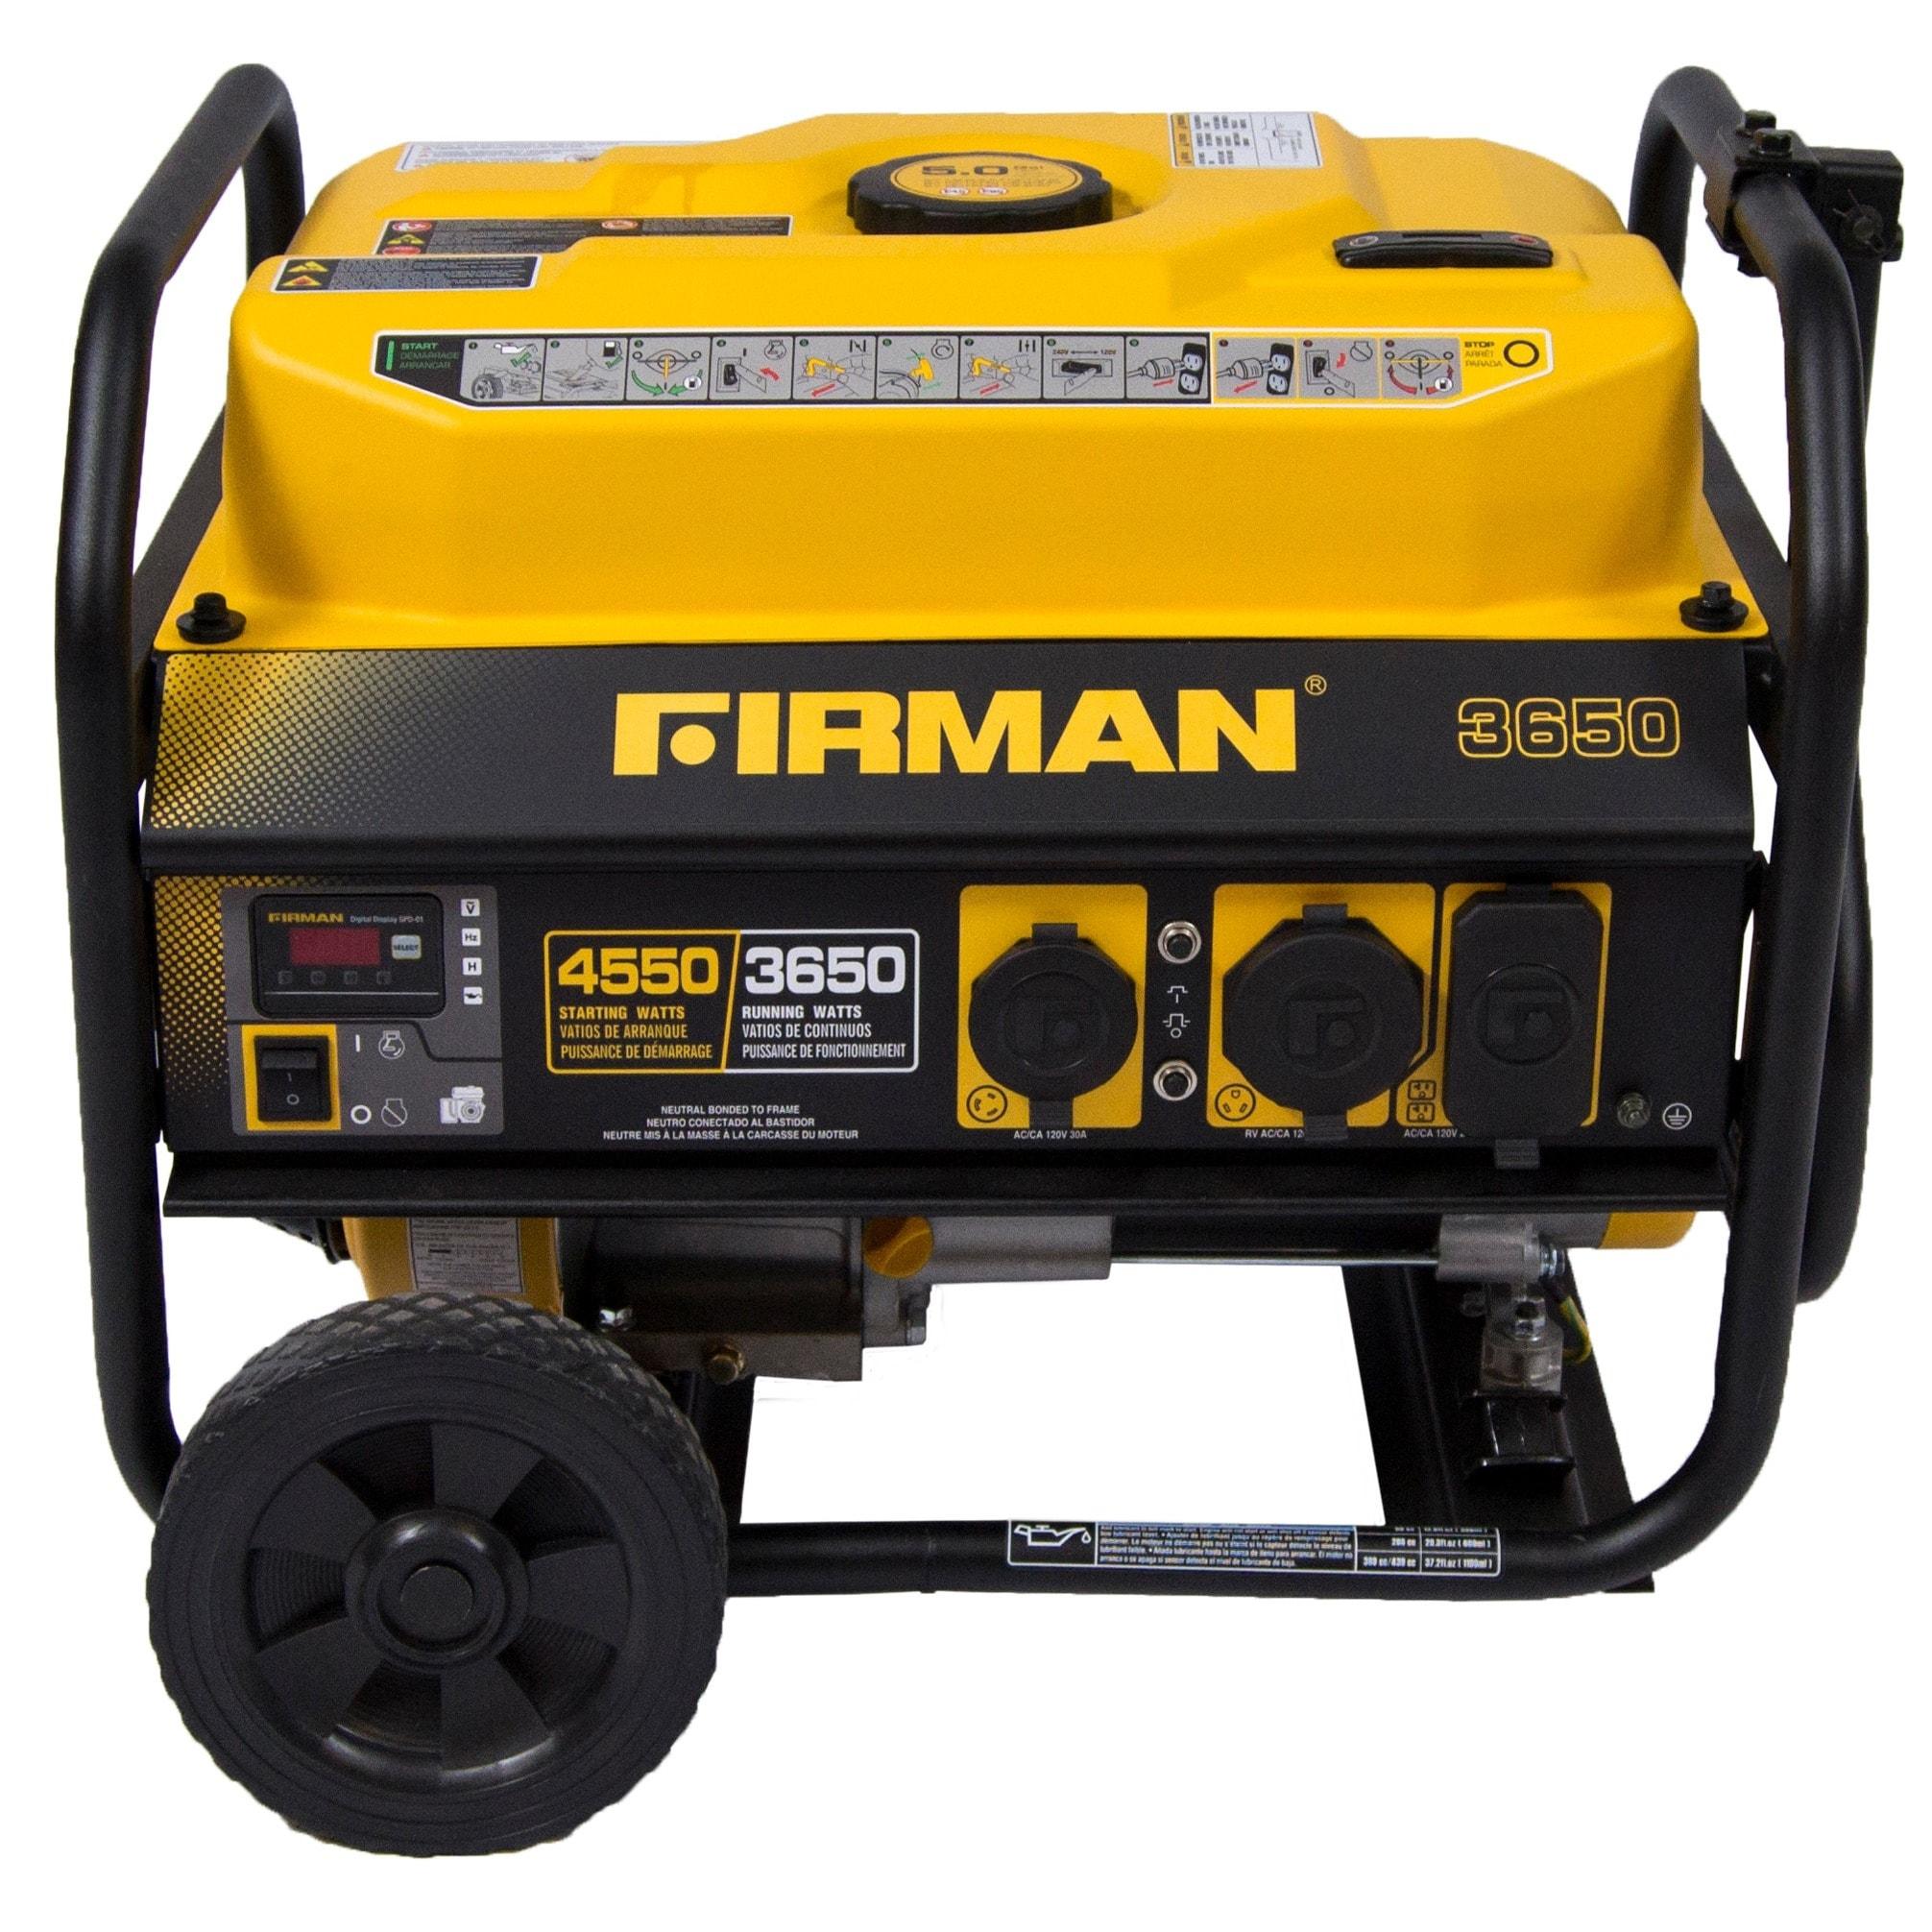 Firman Power Equipment P Gas powered 3650 4550 Watt Portable